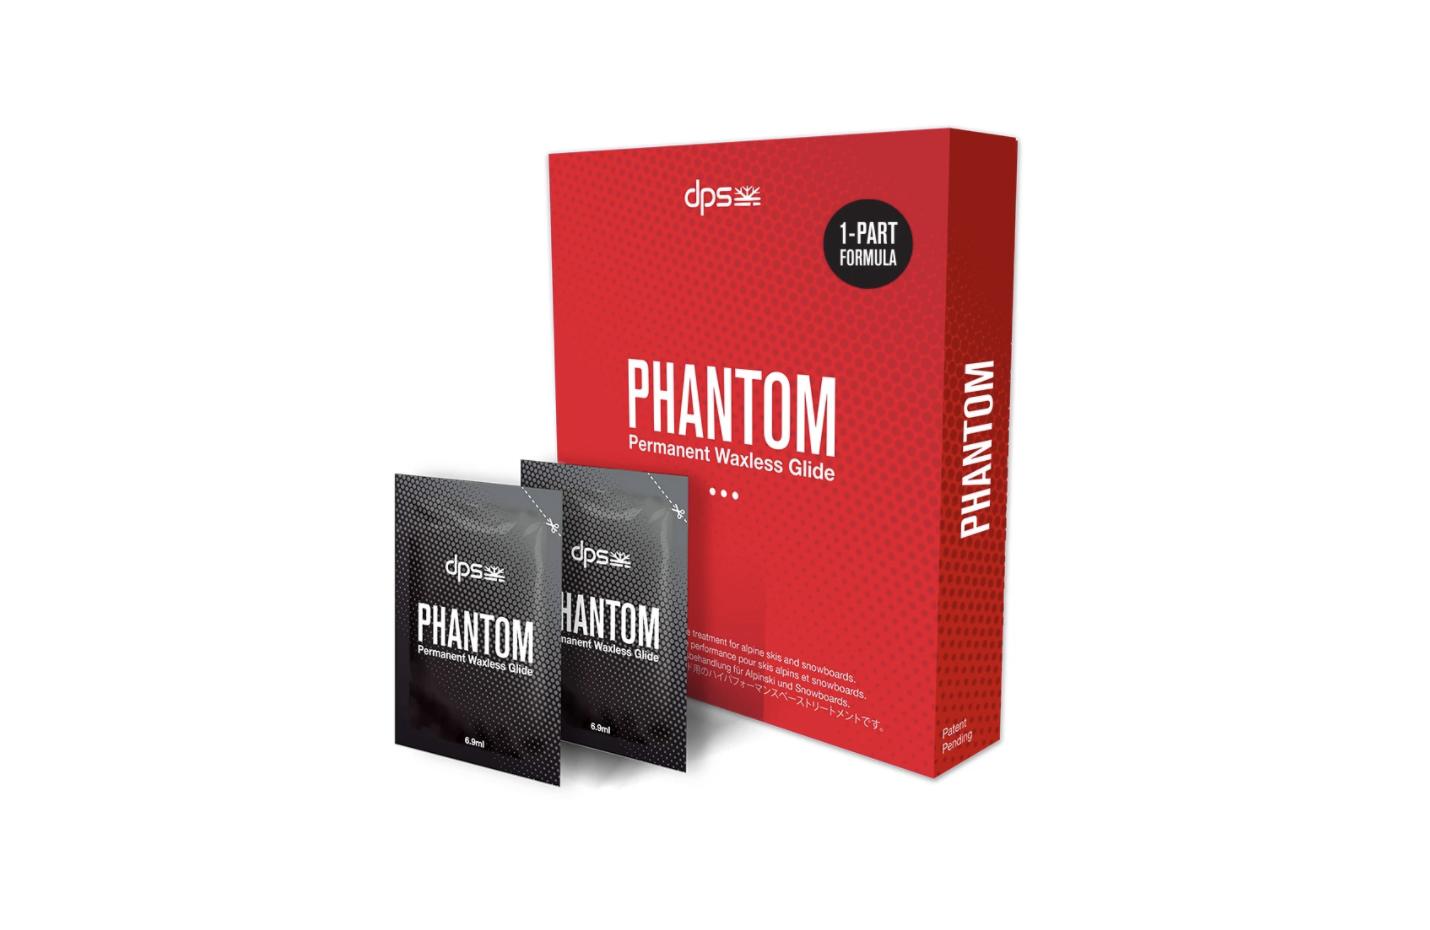 DPS phantom, wax,